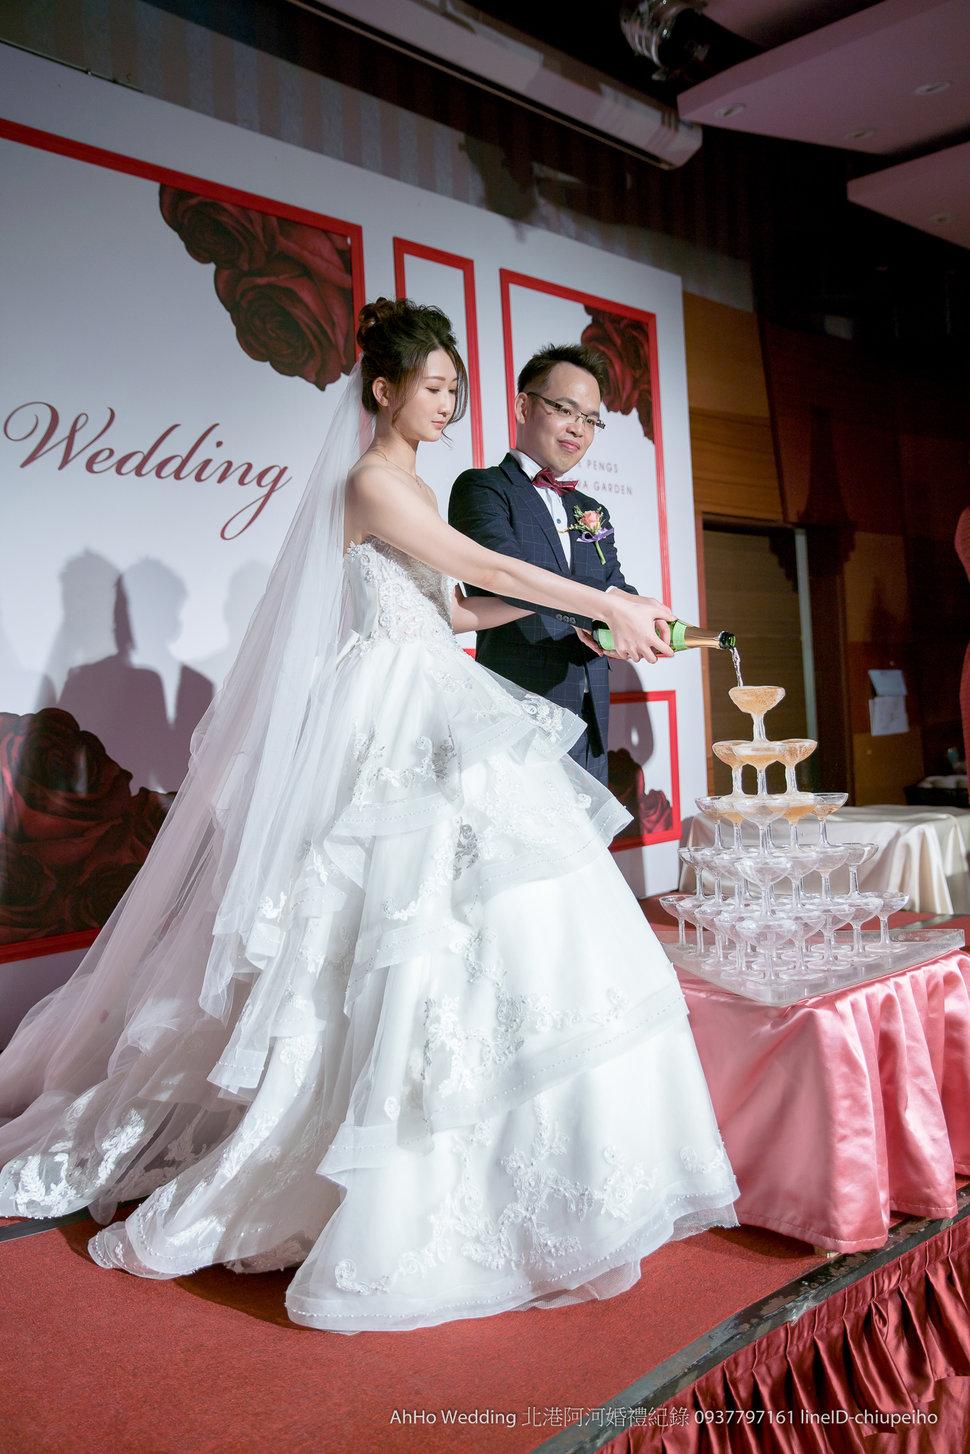 AhHo Wedding   LINE ID  chiupeiho-192 - AhHoWedding/阿河婚攝《結婚吧》